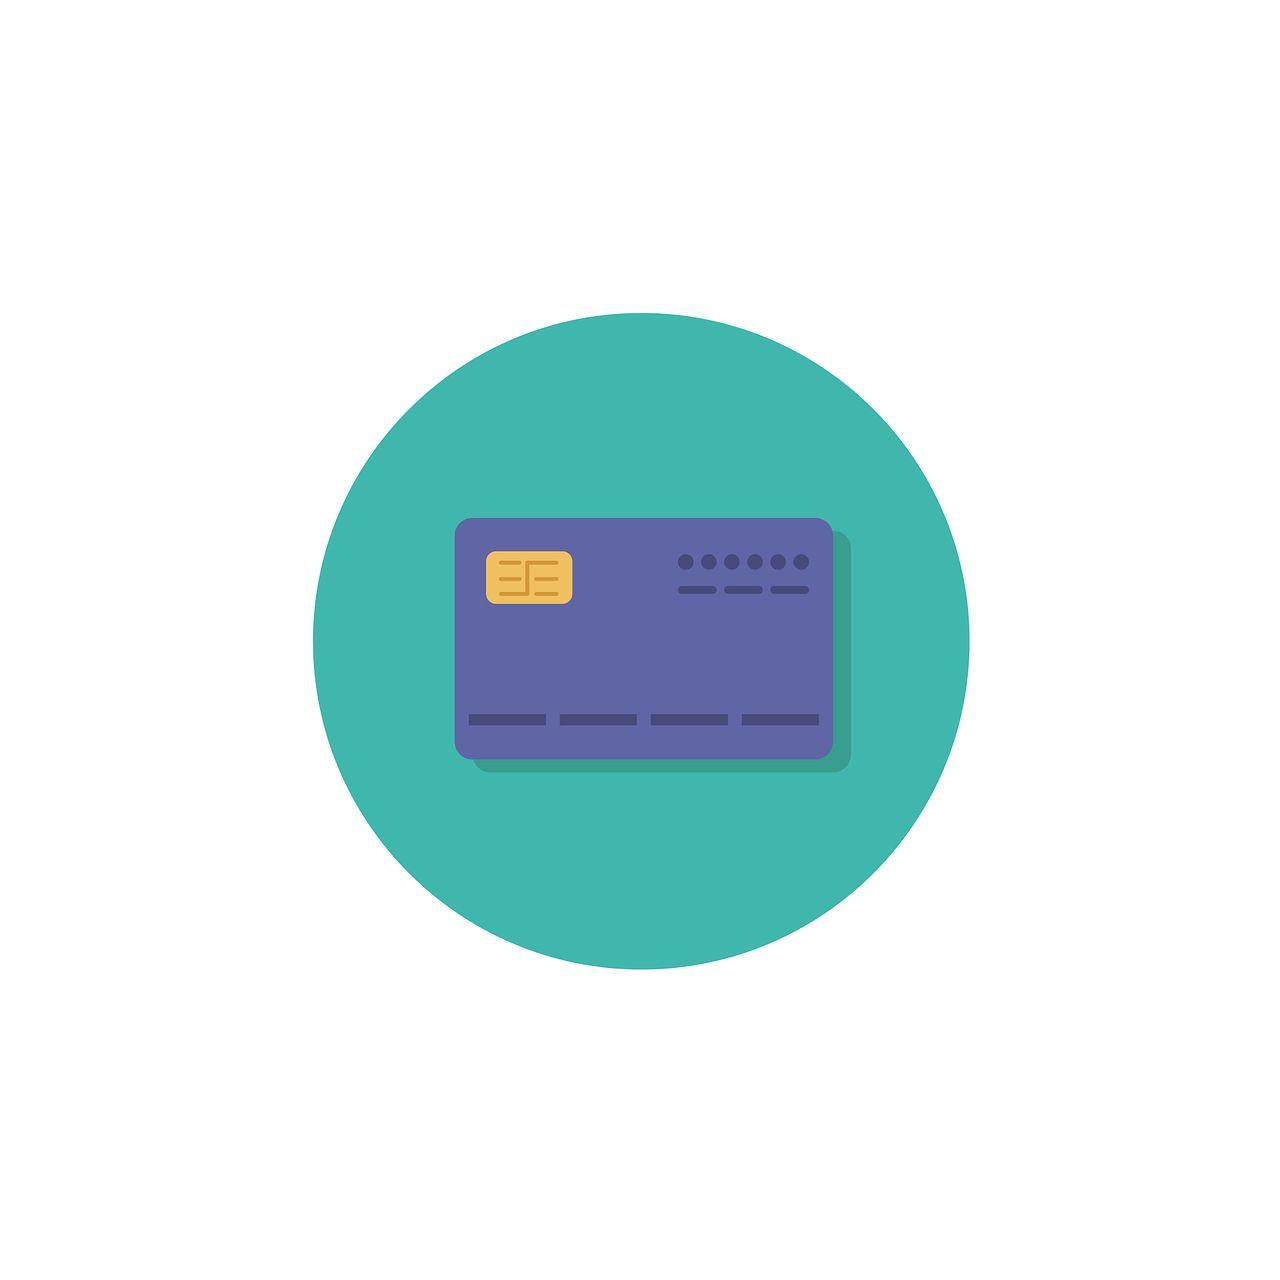 Prepaid-Zahlingsmittel bieten eine Menge Vorteile